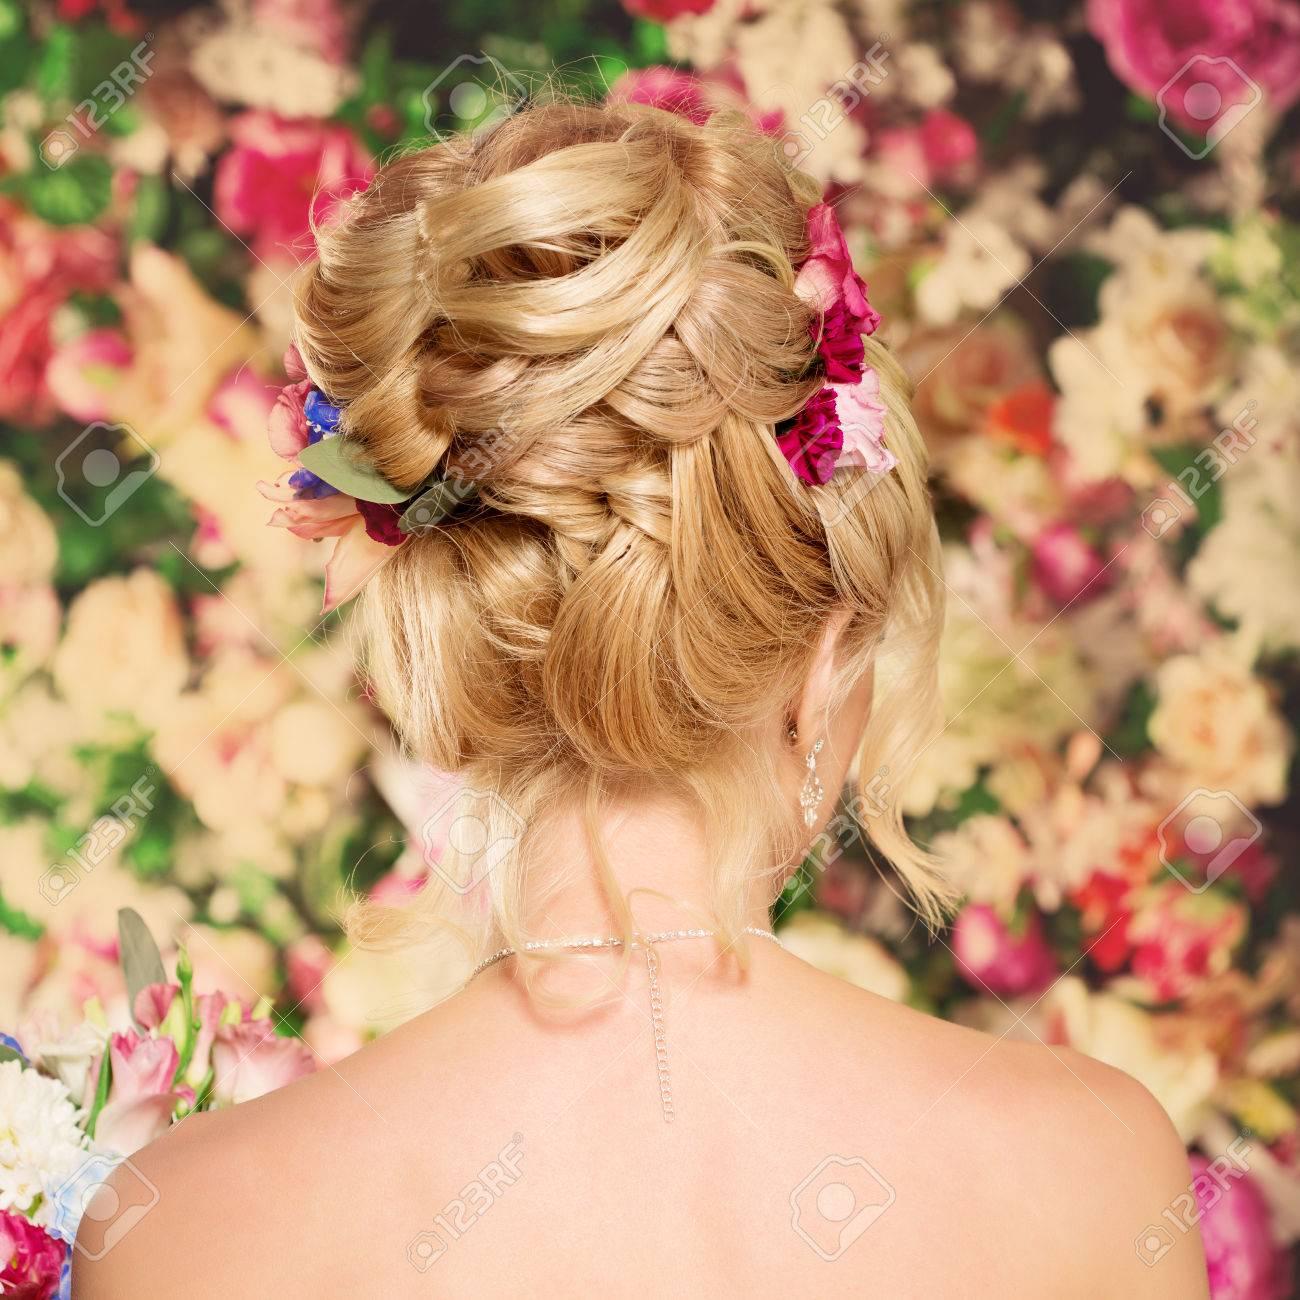 Hochzeitsfrisur Ein Junges Madchen Braut Frau Mit Blumen Im Haar